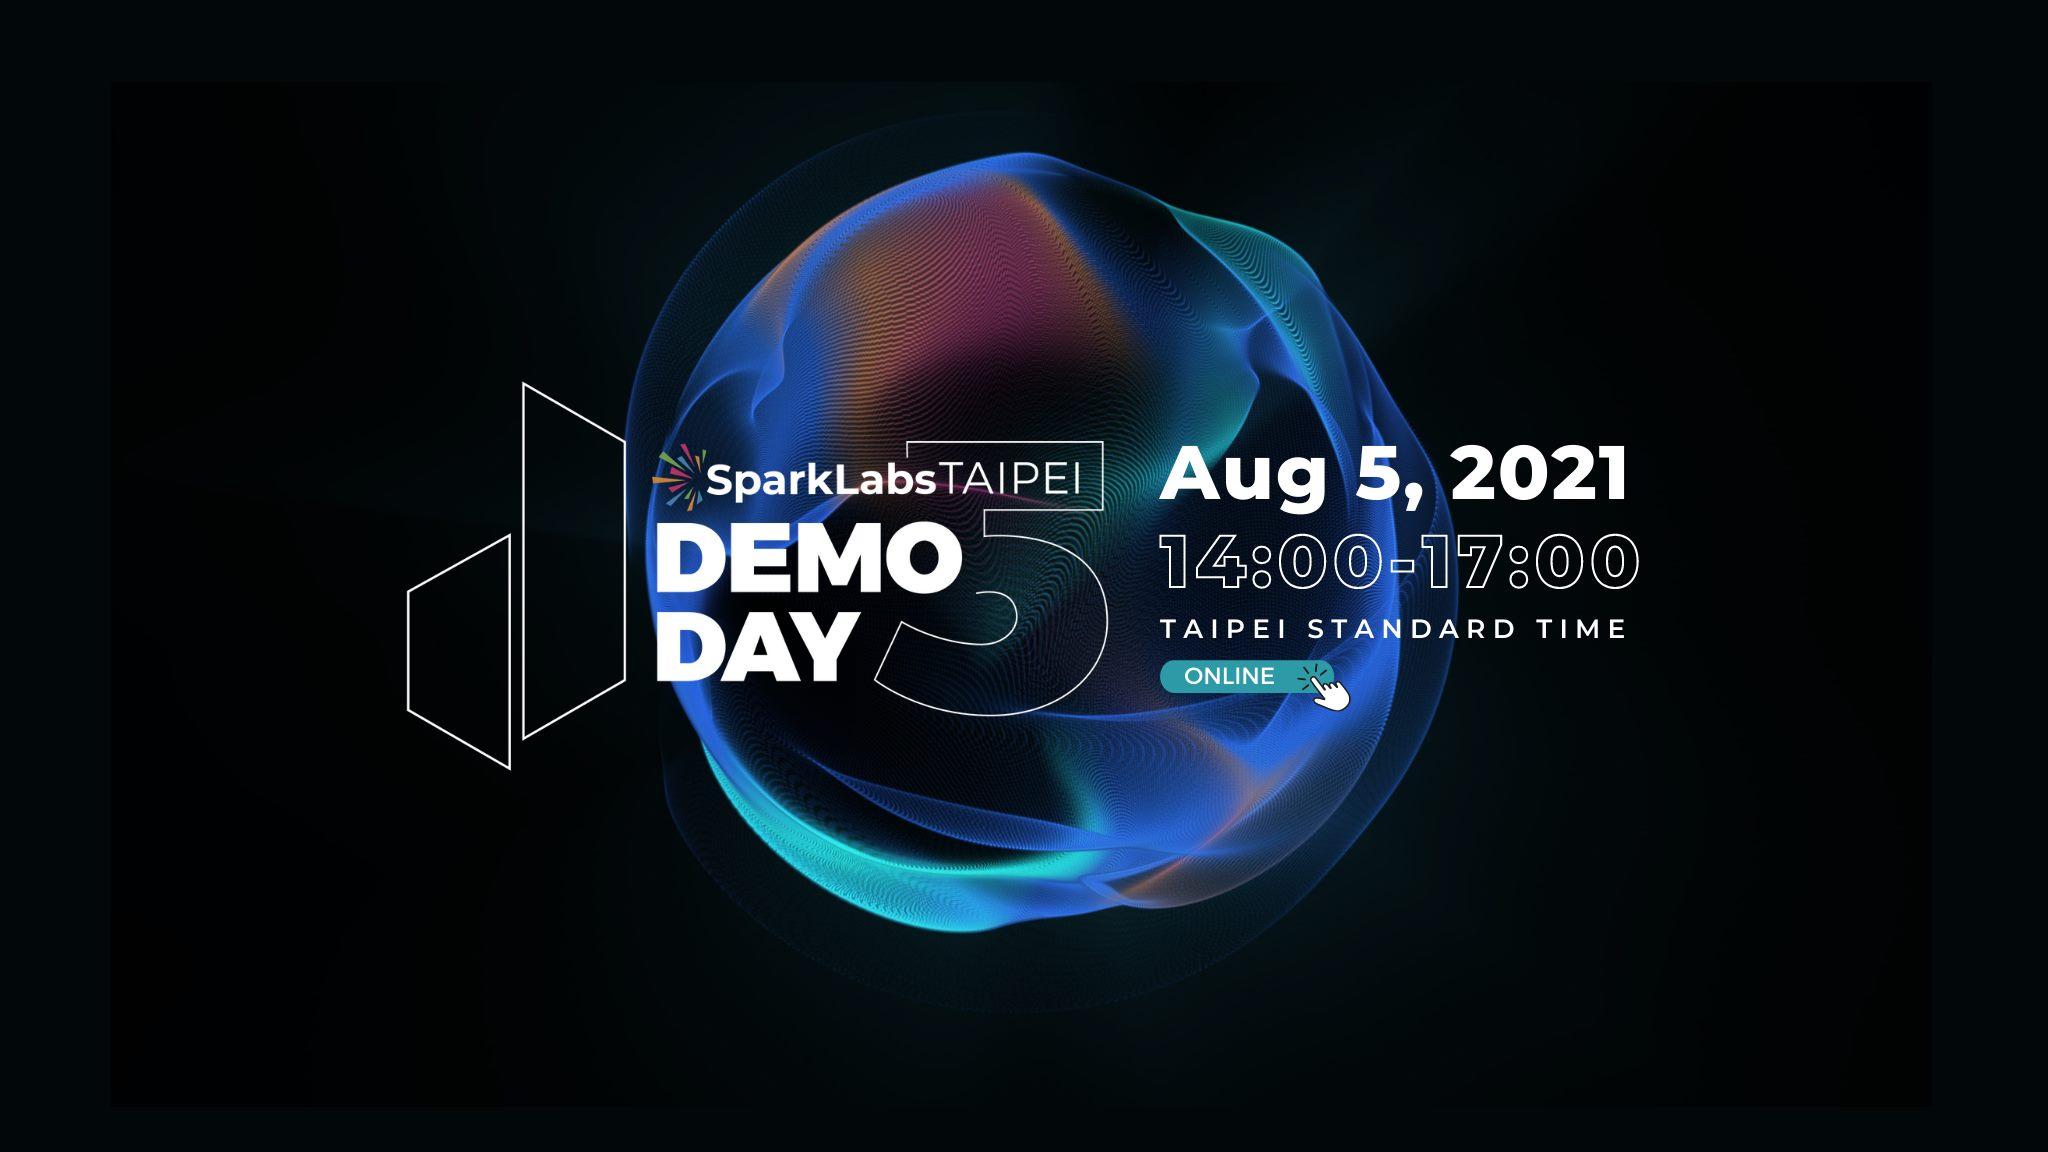 Join SparkLabs Taipei DemoDay 5!